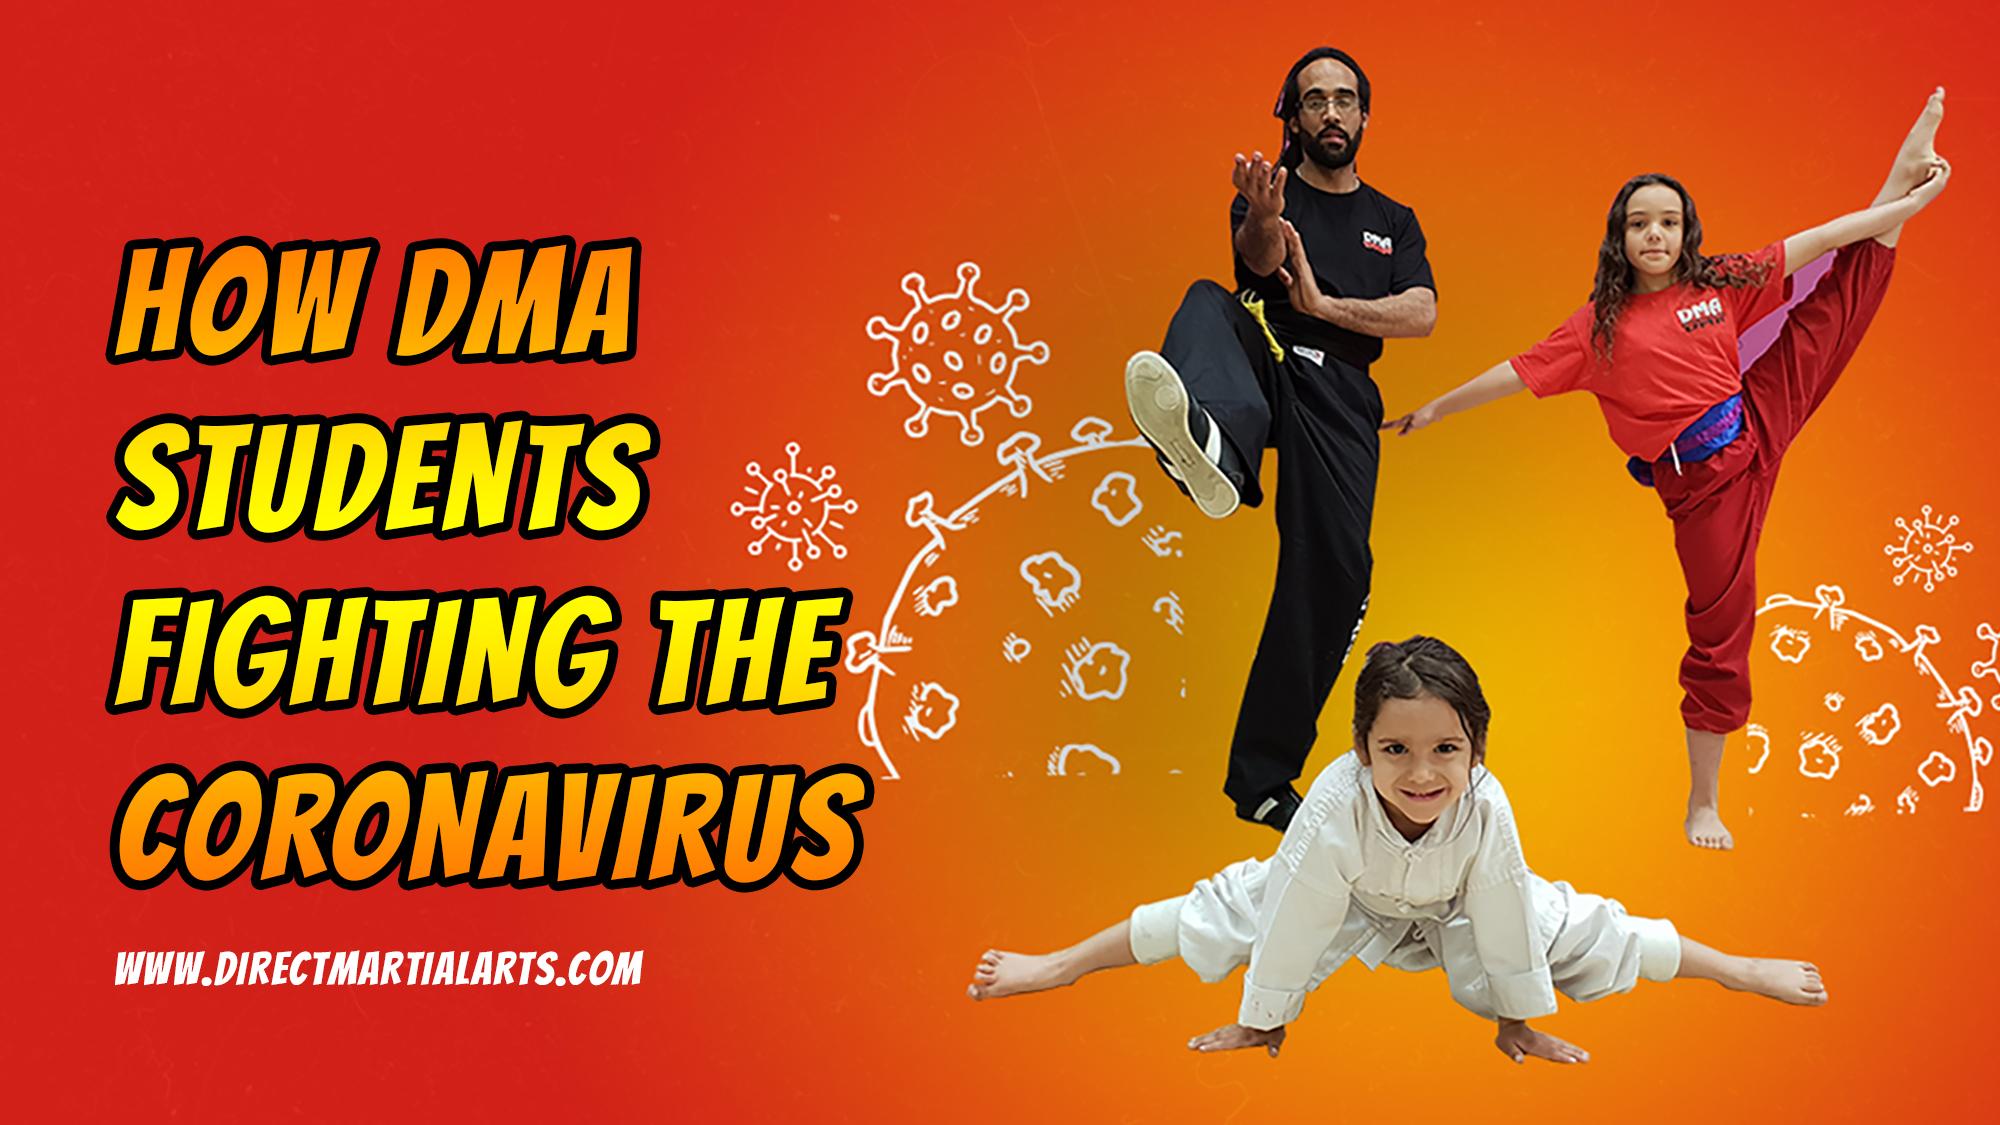 How DMA Students Fighting The Coronavirus